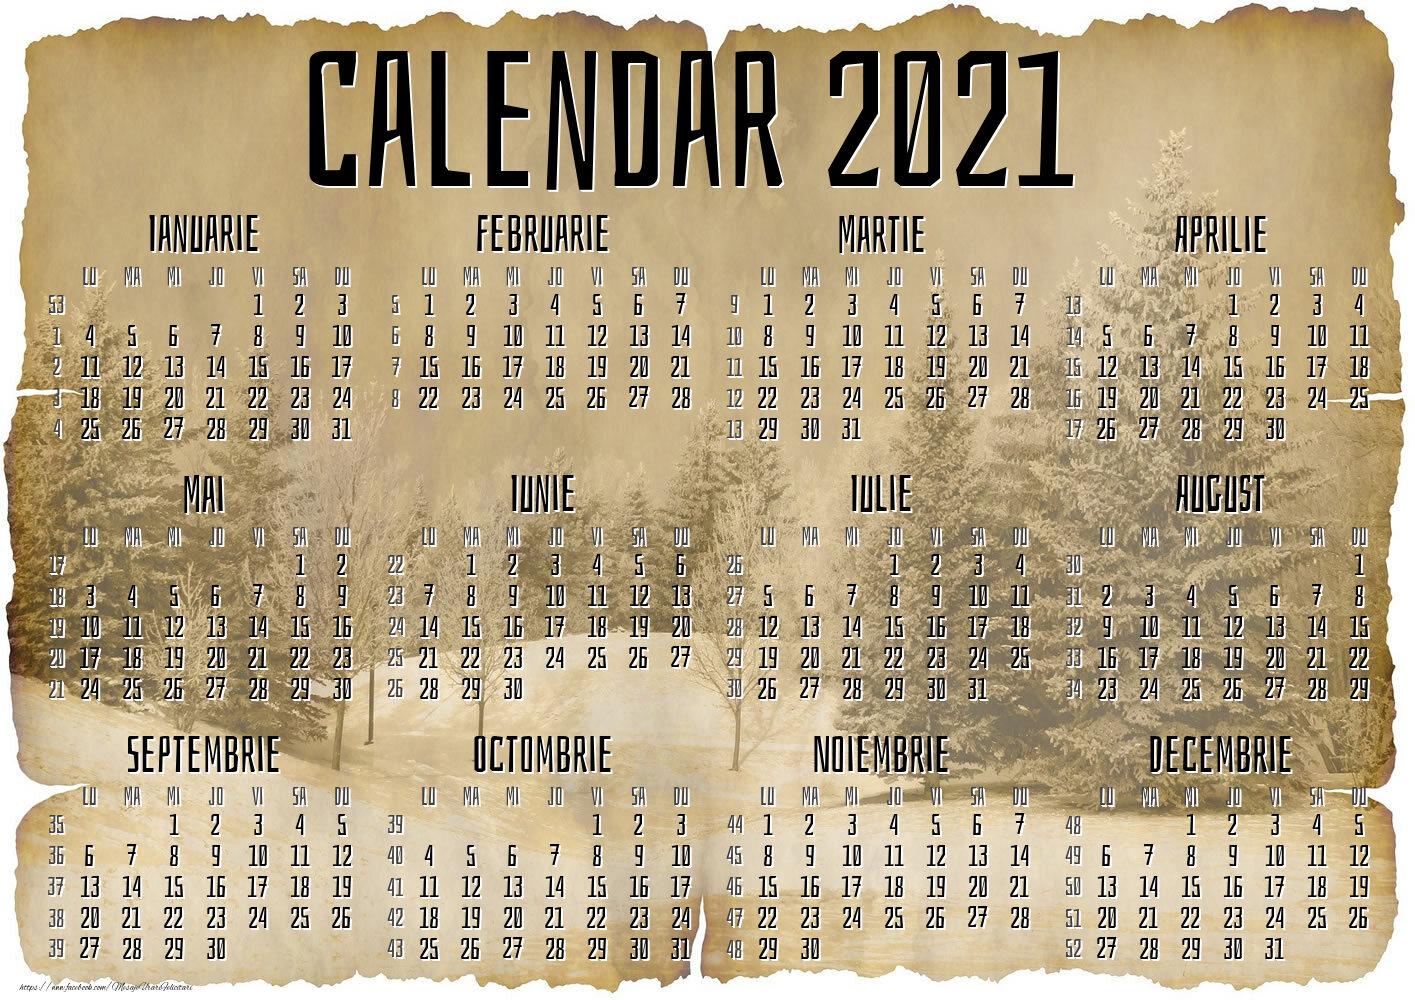 Imagini cu calendare - Vintage - Model 3